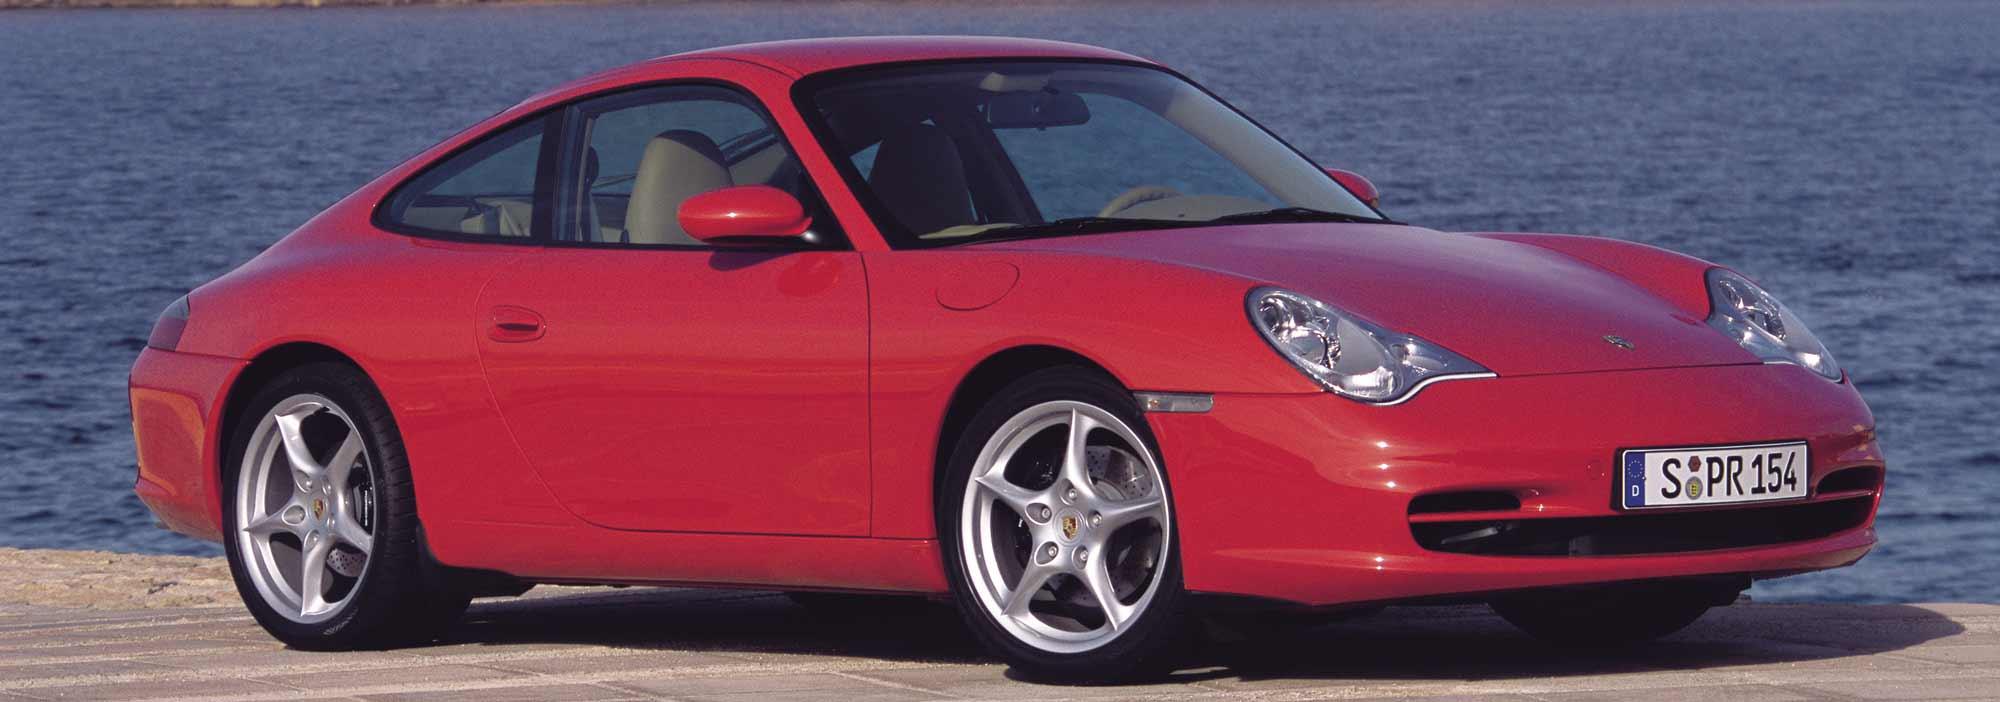 Porsche 996 Facelift